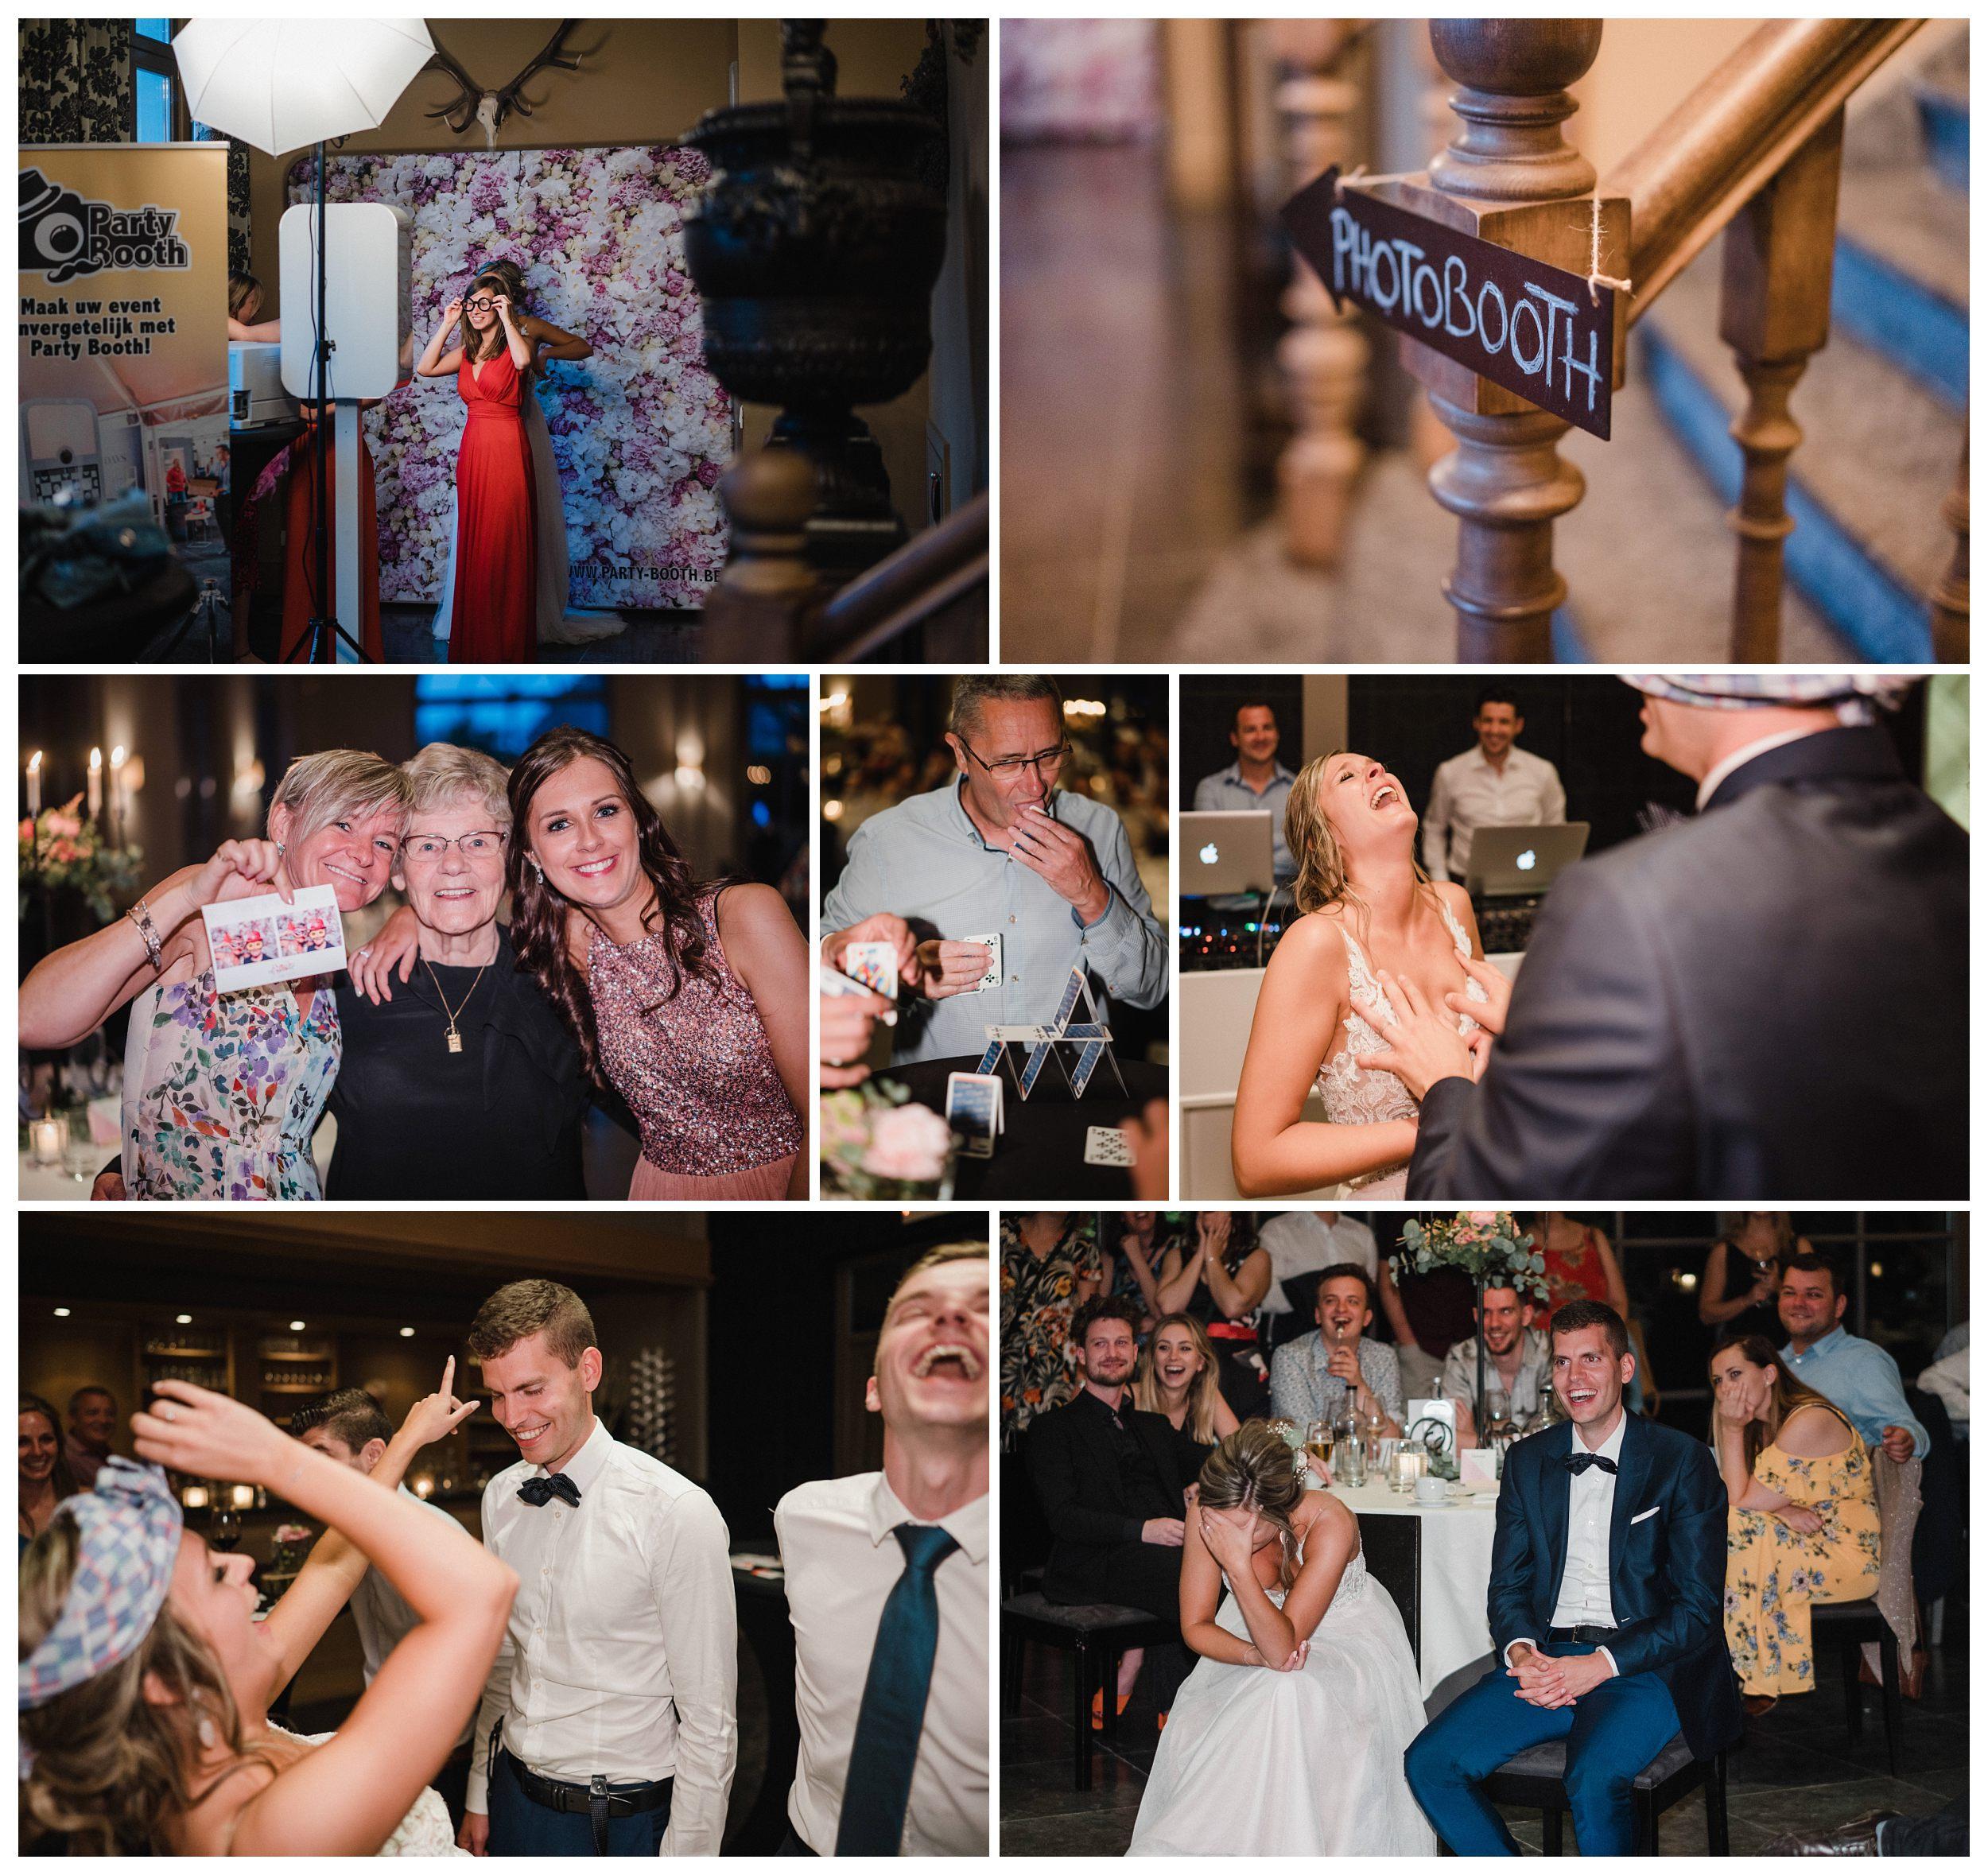 huwelijksfotograaf bruidsfotograaf destinationwedding huwelijksfotografie in mol oostham (64).jpg